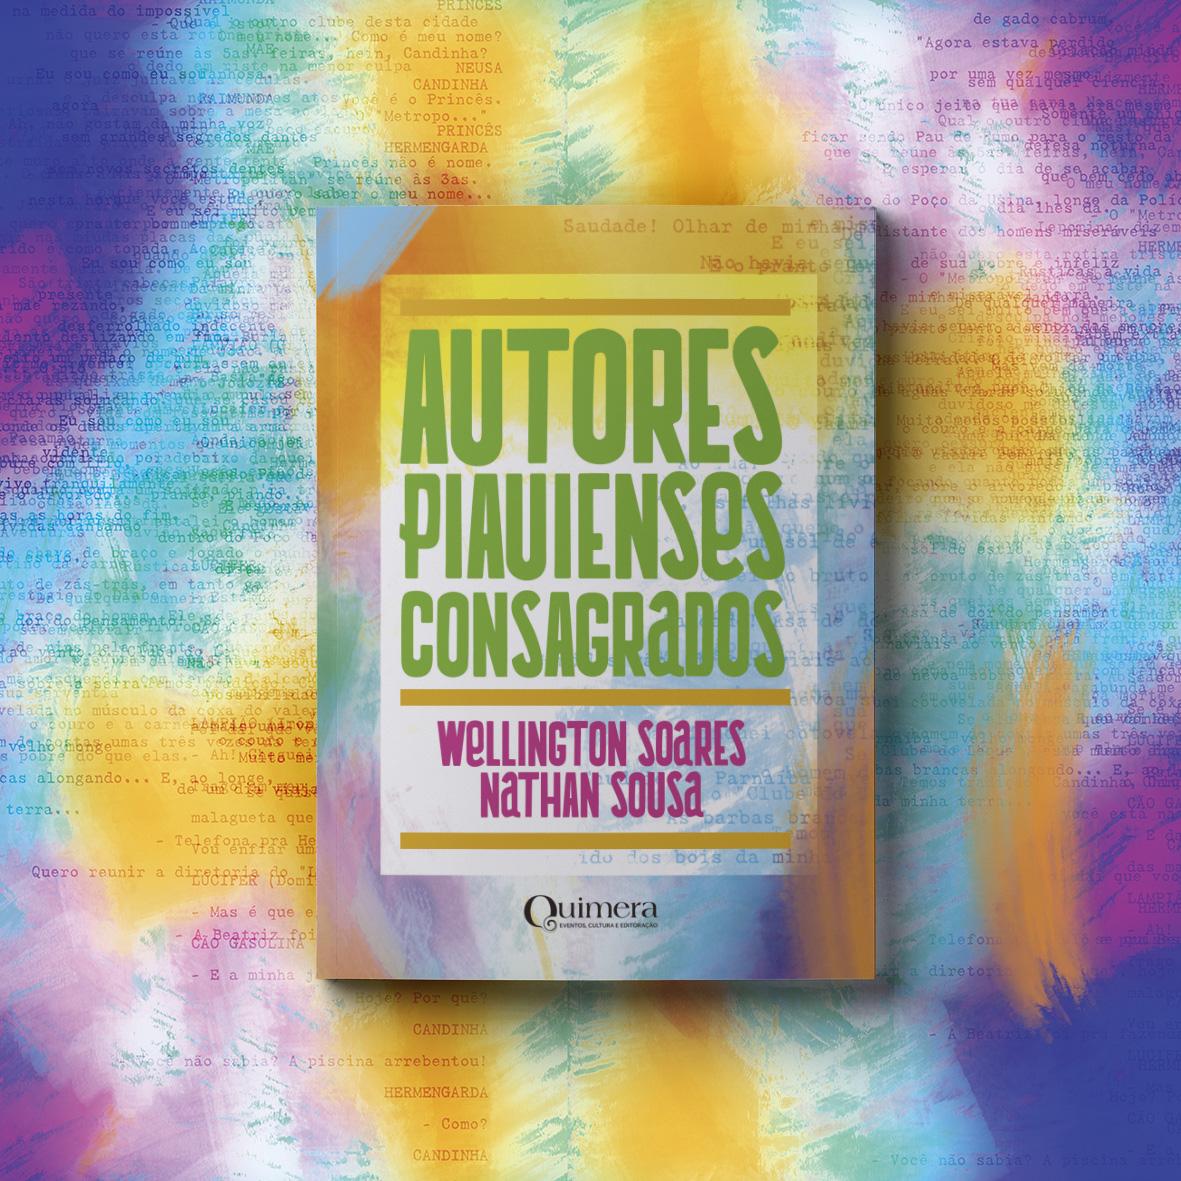 Livro reúne autores consagrados do Piauí - Imagem 1